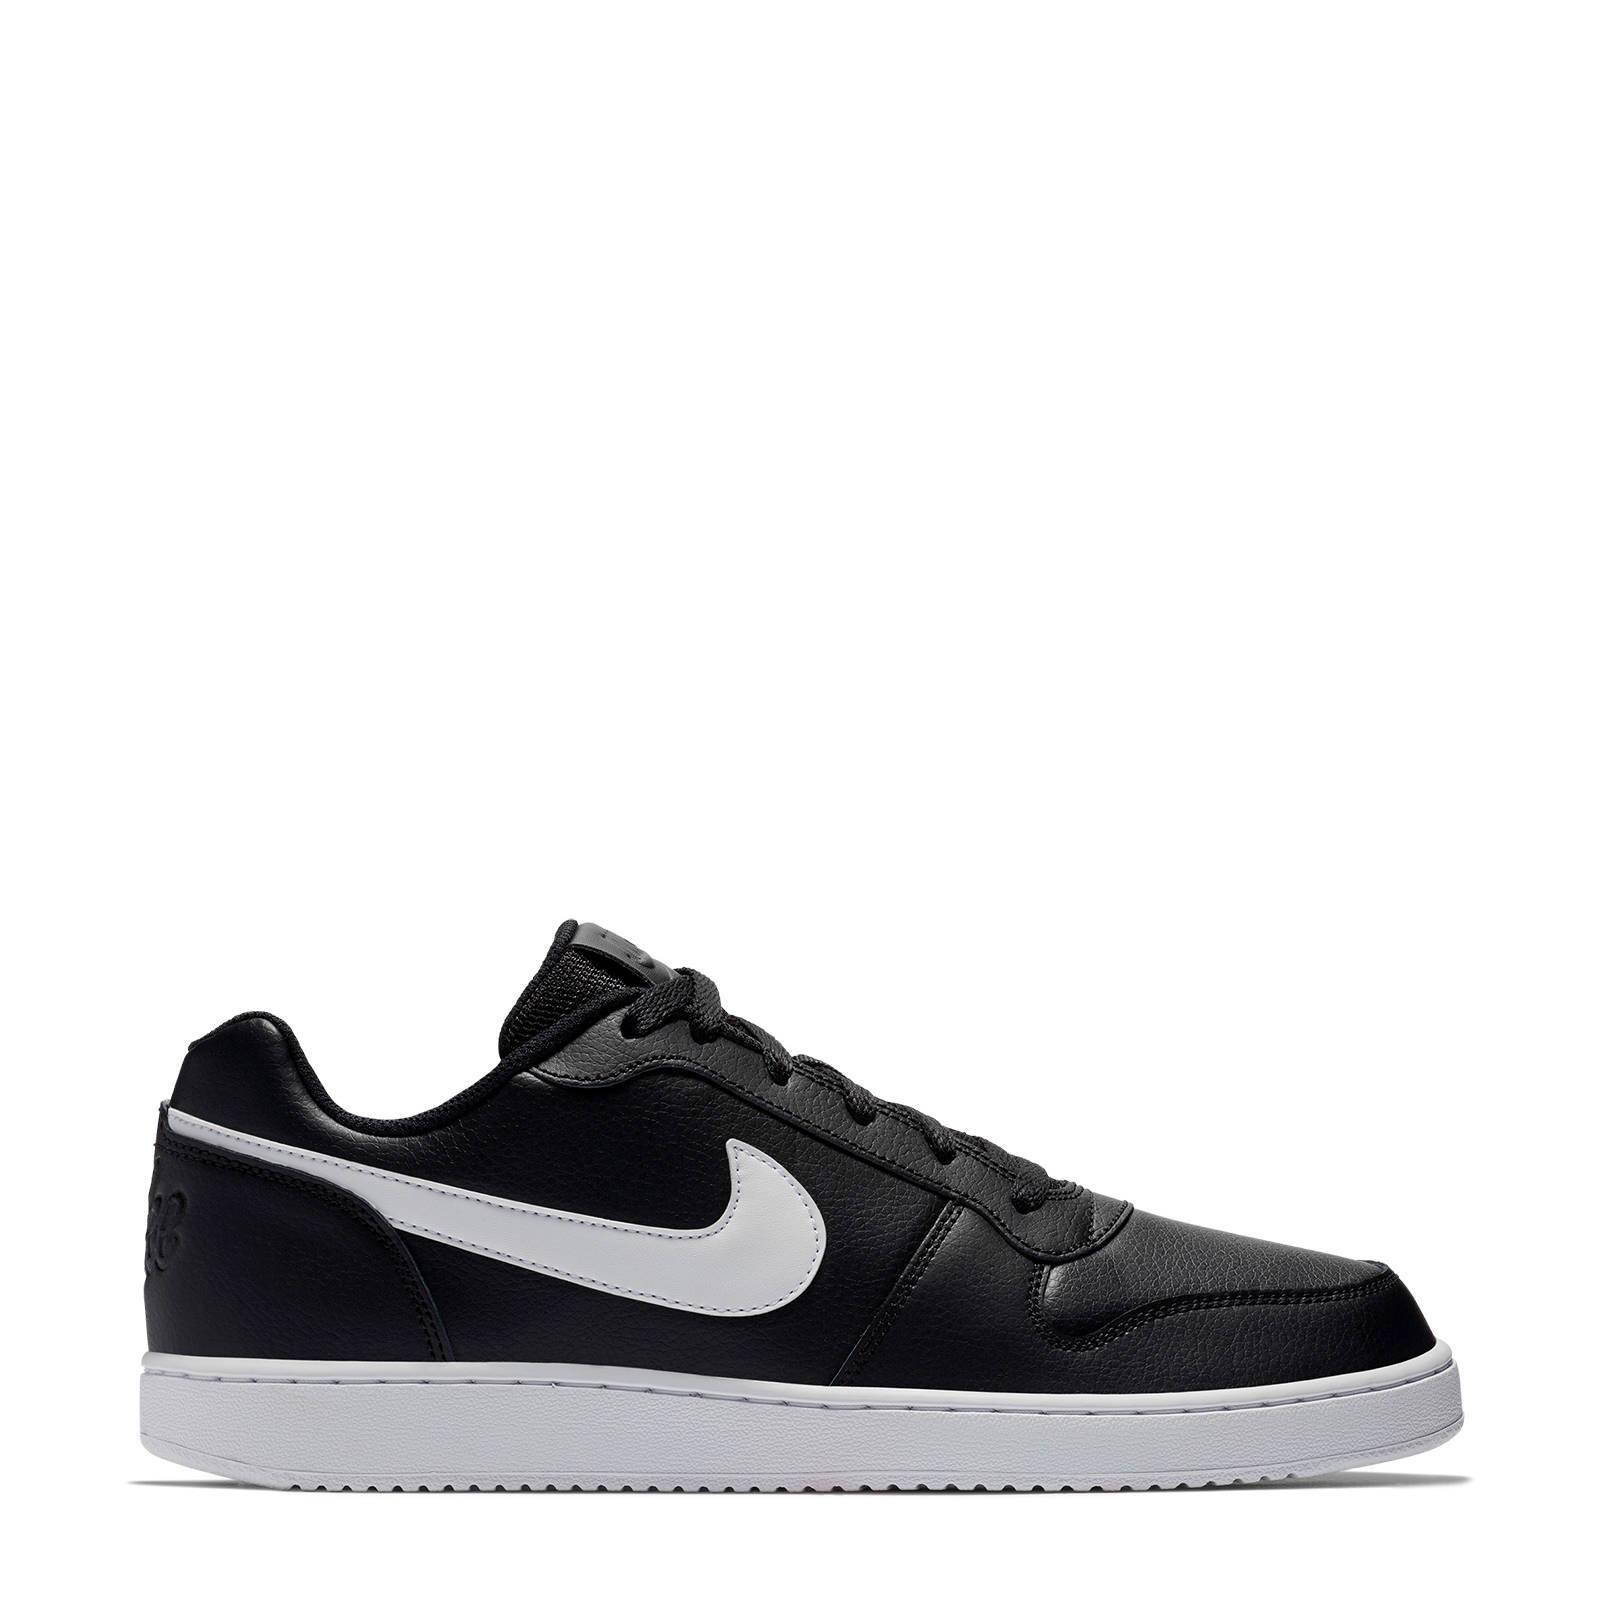 Nike Ebernon Low leren sneakers zwartwit | wehkamp